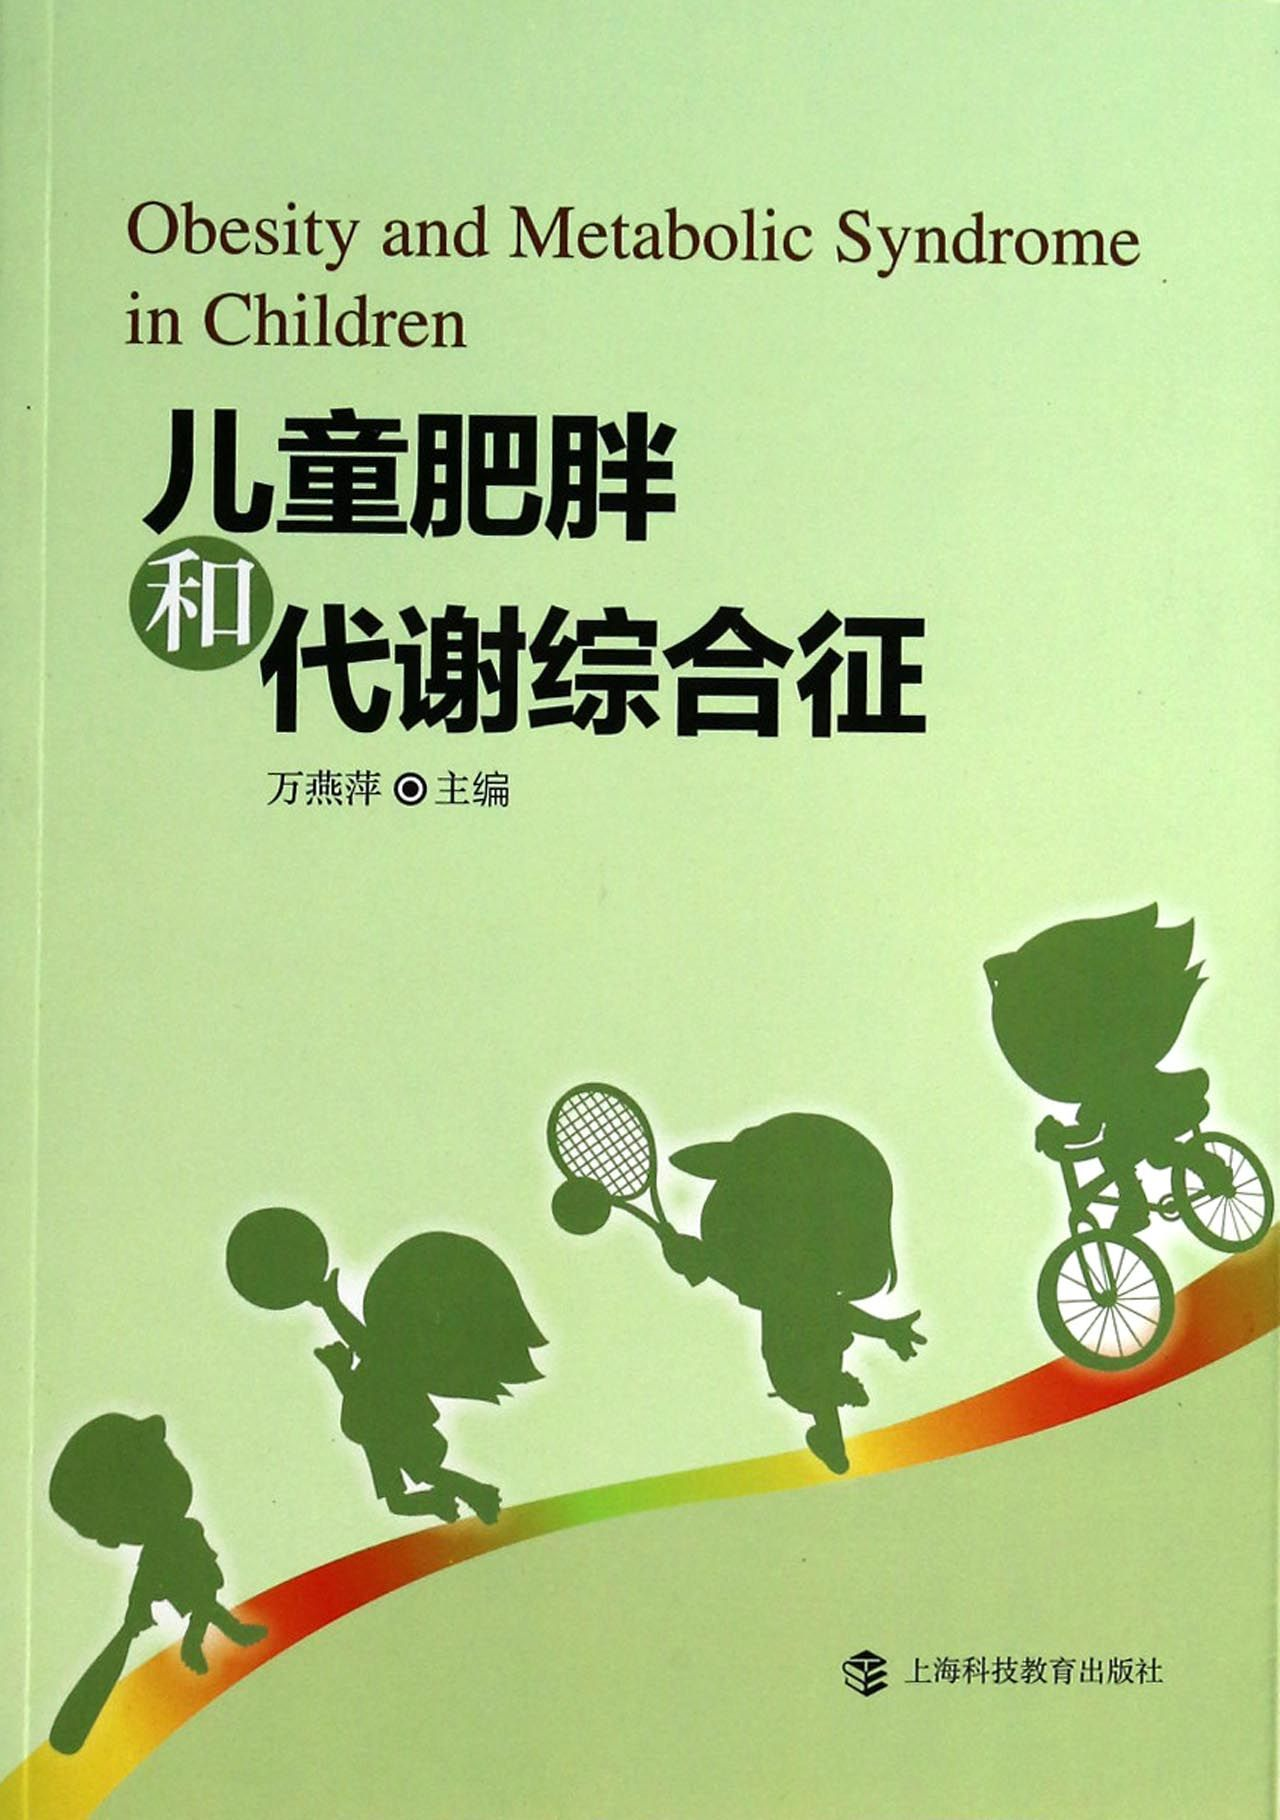 儿童肥胖和代谢综合征